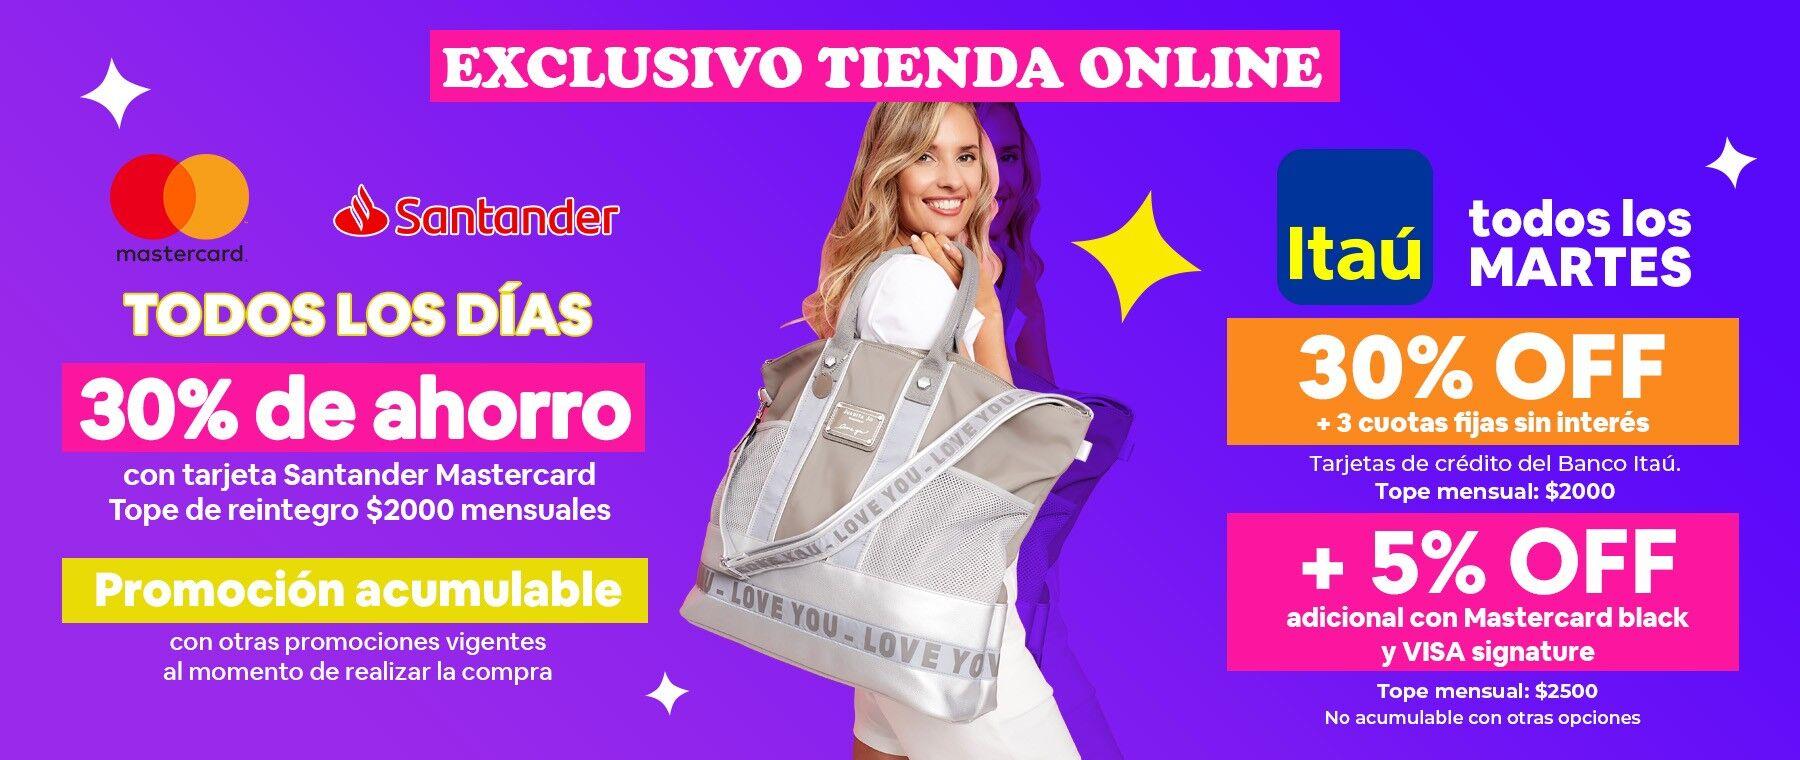 Santander promo